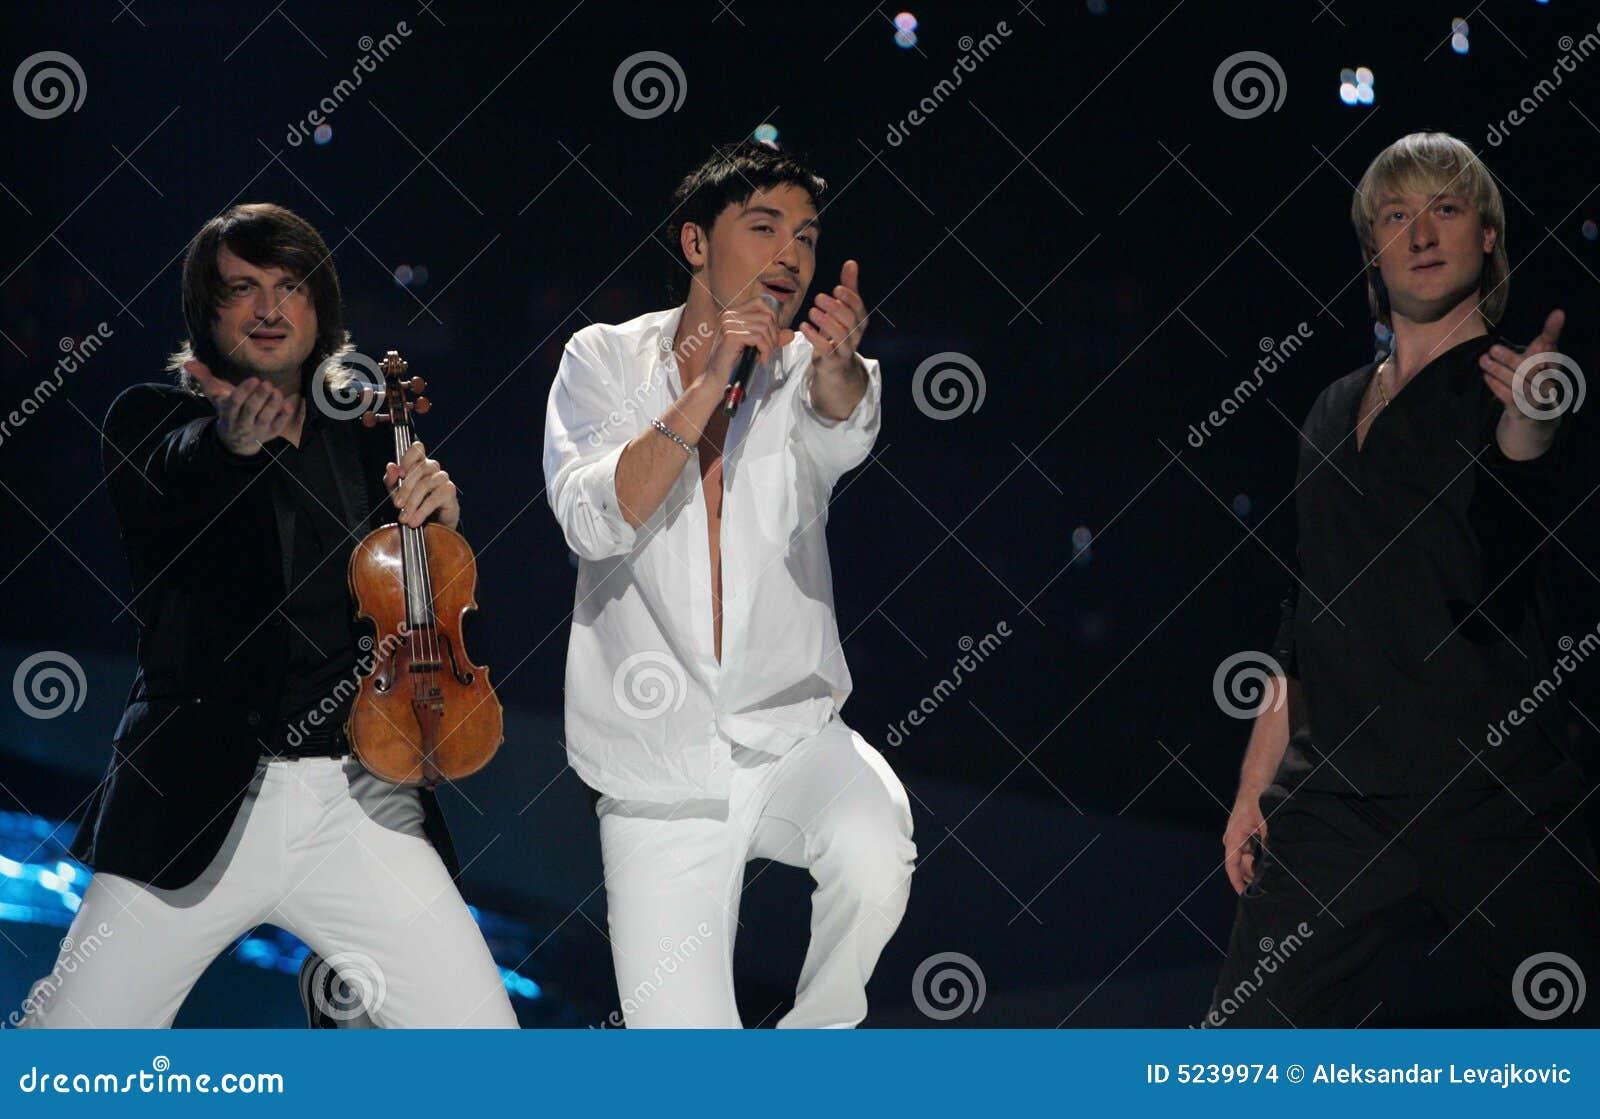 Eurovision 2008 Russia